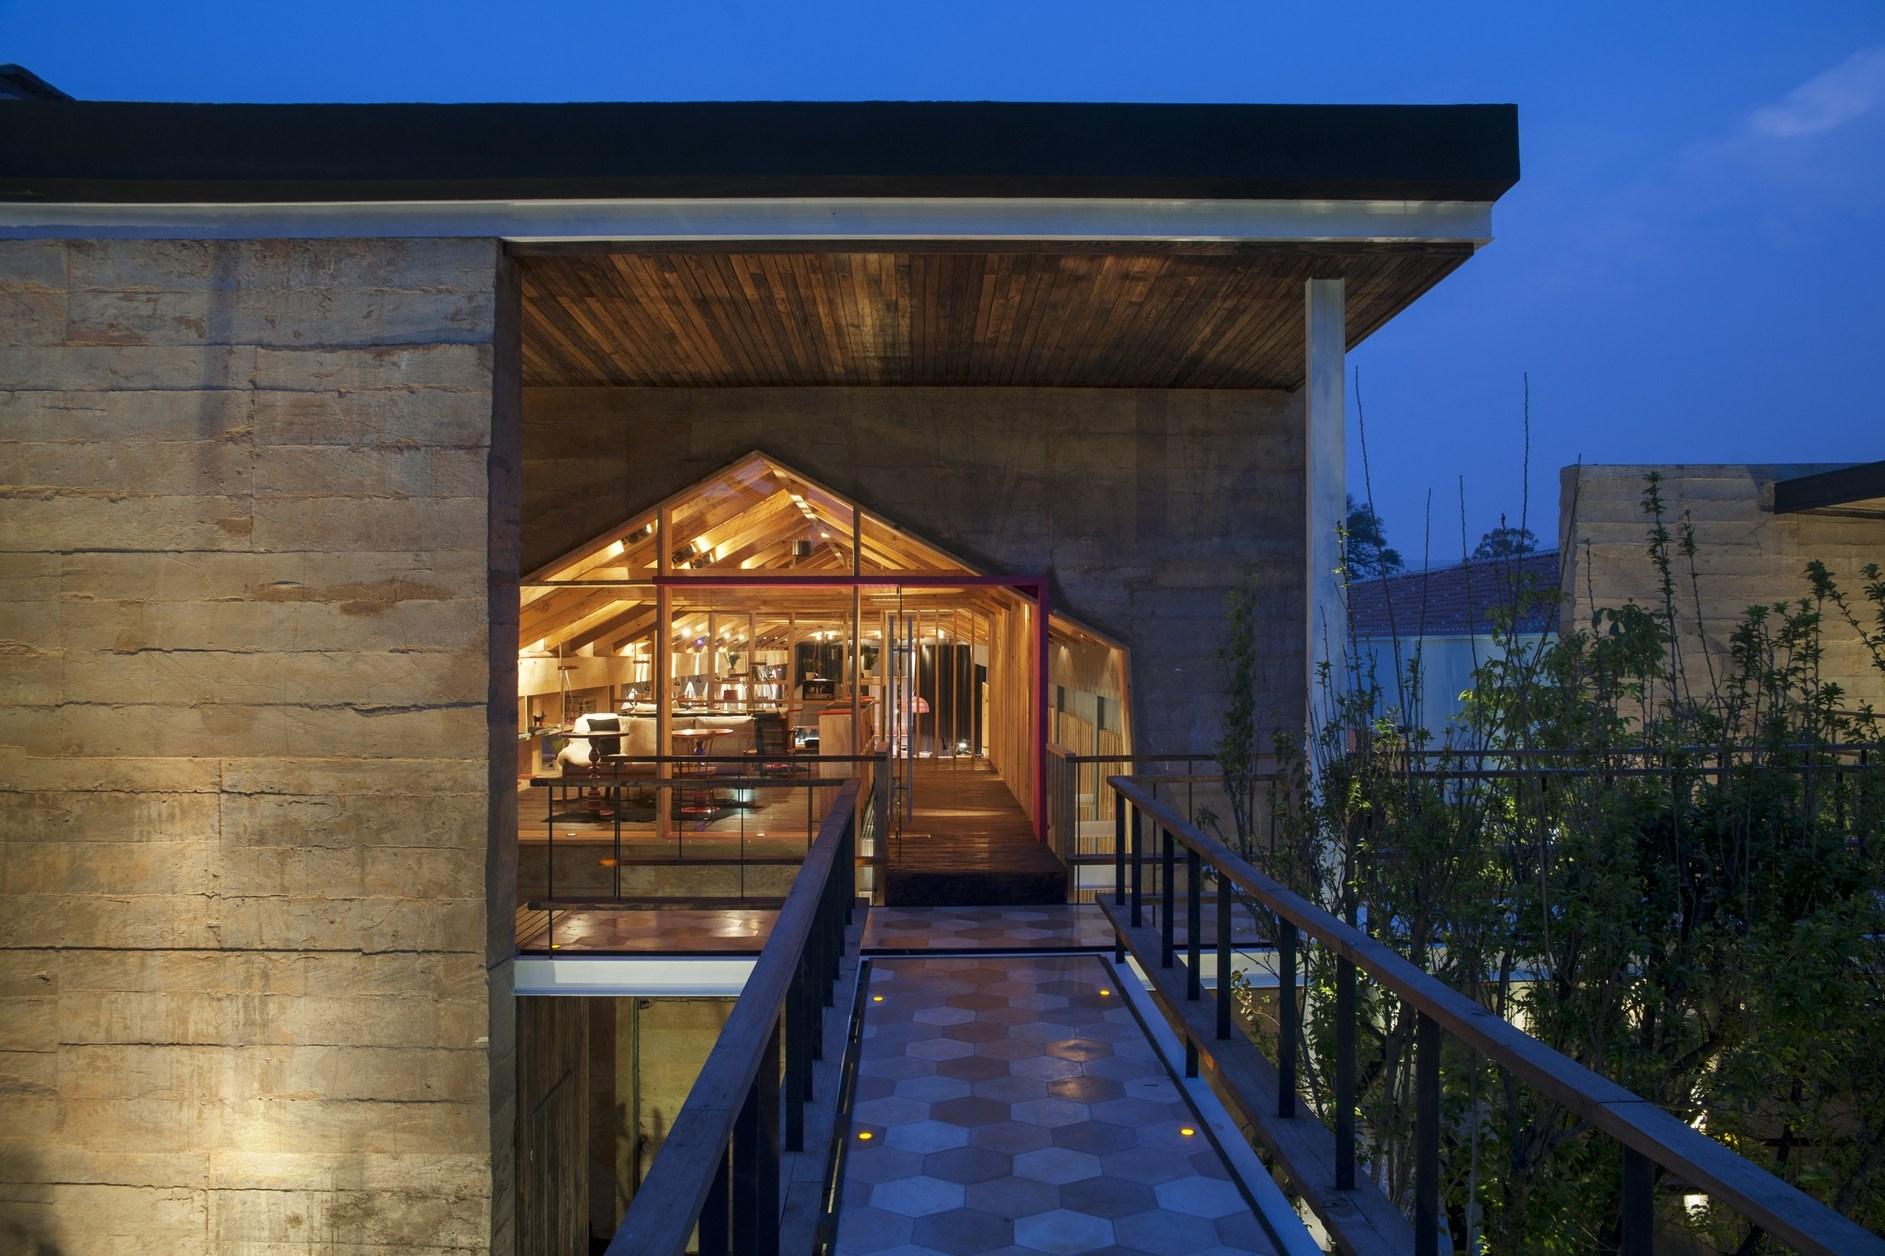 B o hotel by muro rojo arquitectura karmatrendz - Arquitectura de casas ...